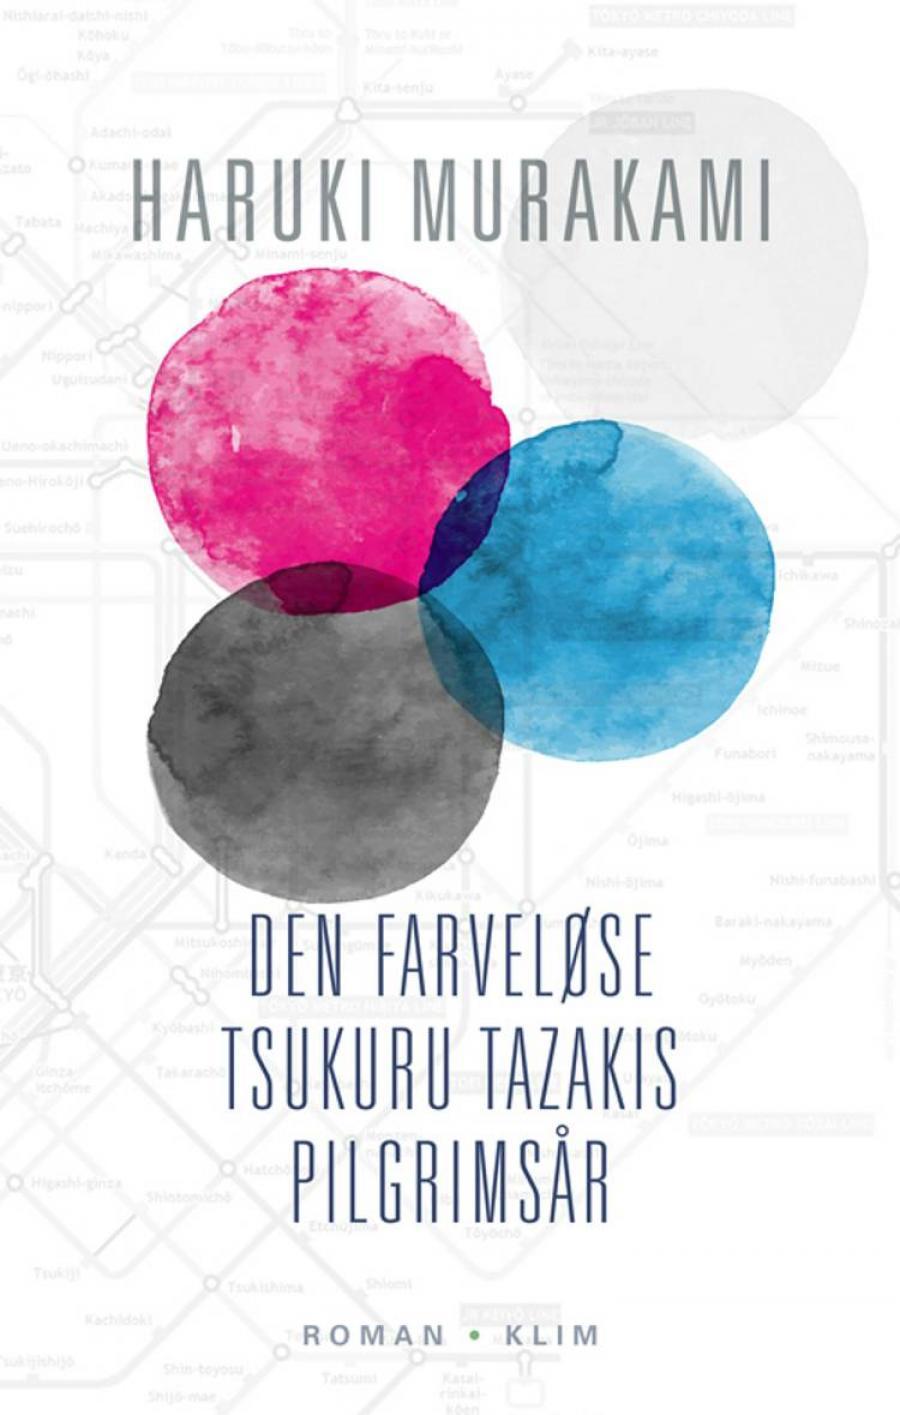 Den farveløse Tsukuru Tazakis pilgrimsfærd